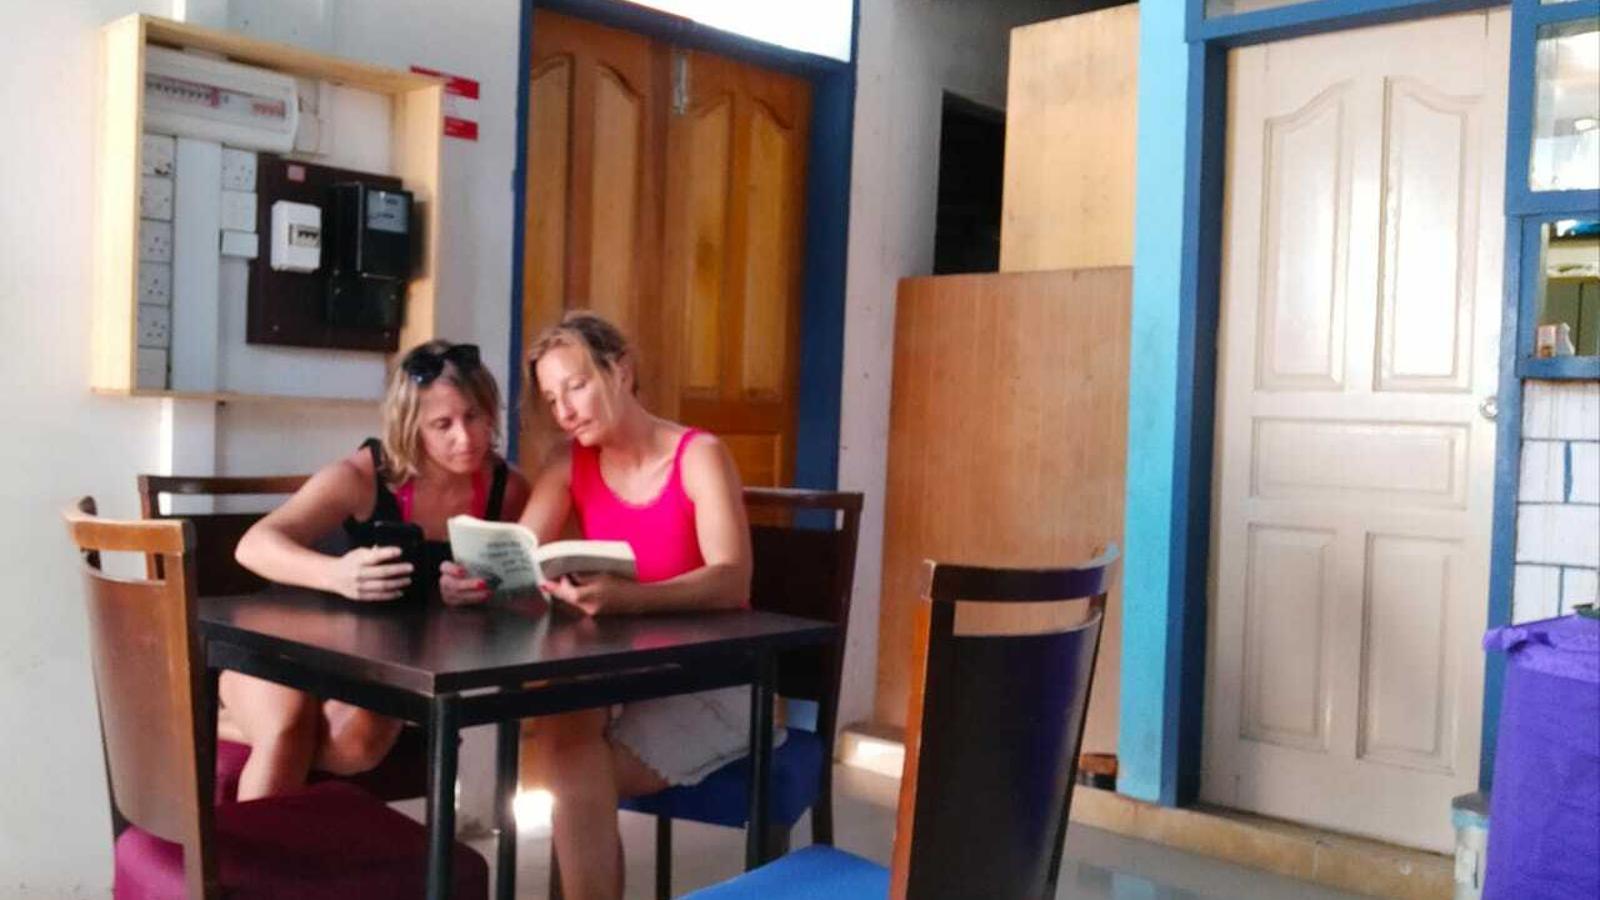 L'Alícia i la Mireia, a l'hotel on estan allotjades, esperen l'avió de tornada consultant el mòbil i llegint. / ARA ANDORRA